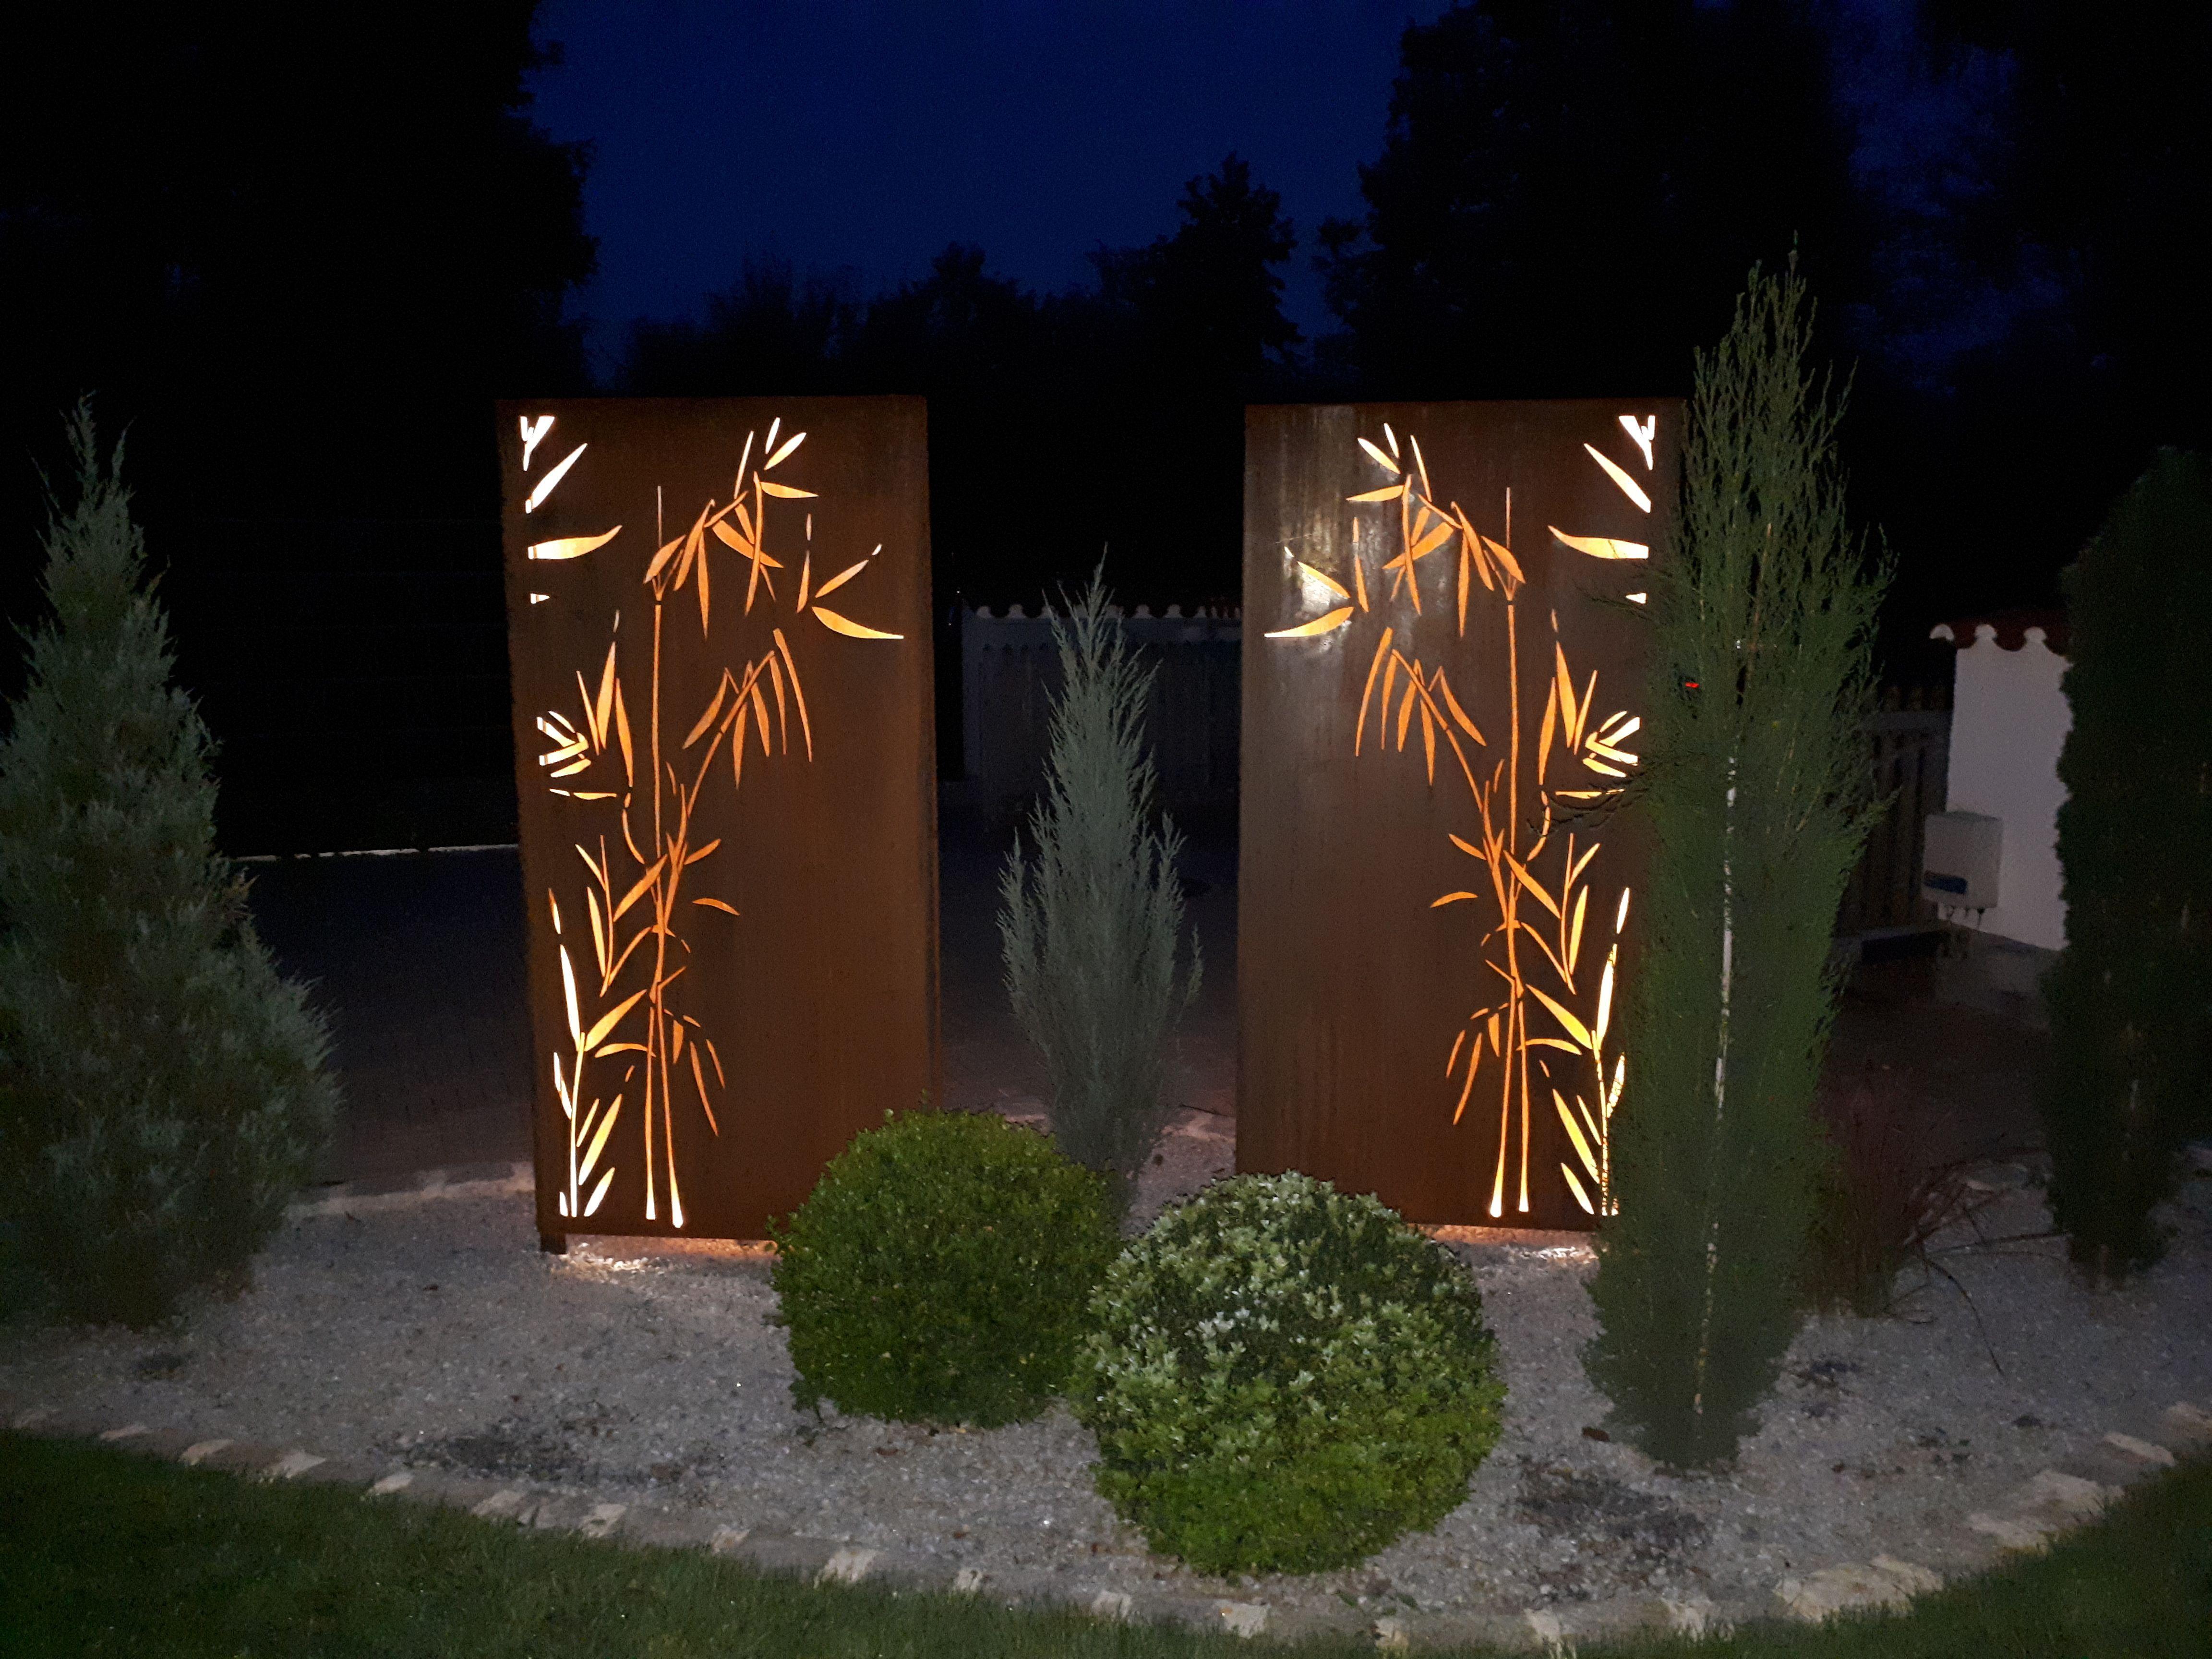 Sichtschutz Garten Corten Stahl Farbe Paras Rost Den Aus Fr Insichtschutz Für Den Garten Aus Corten Stahl Sichtschutz Sichtschutz Garten Cortenstahl